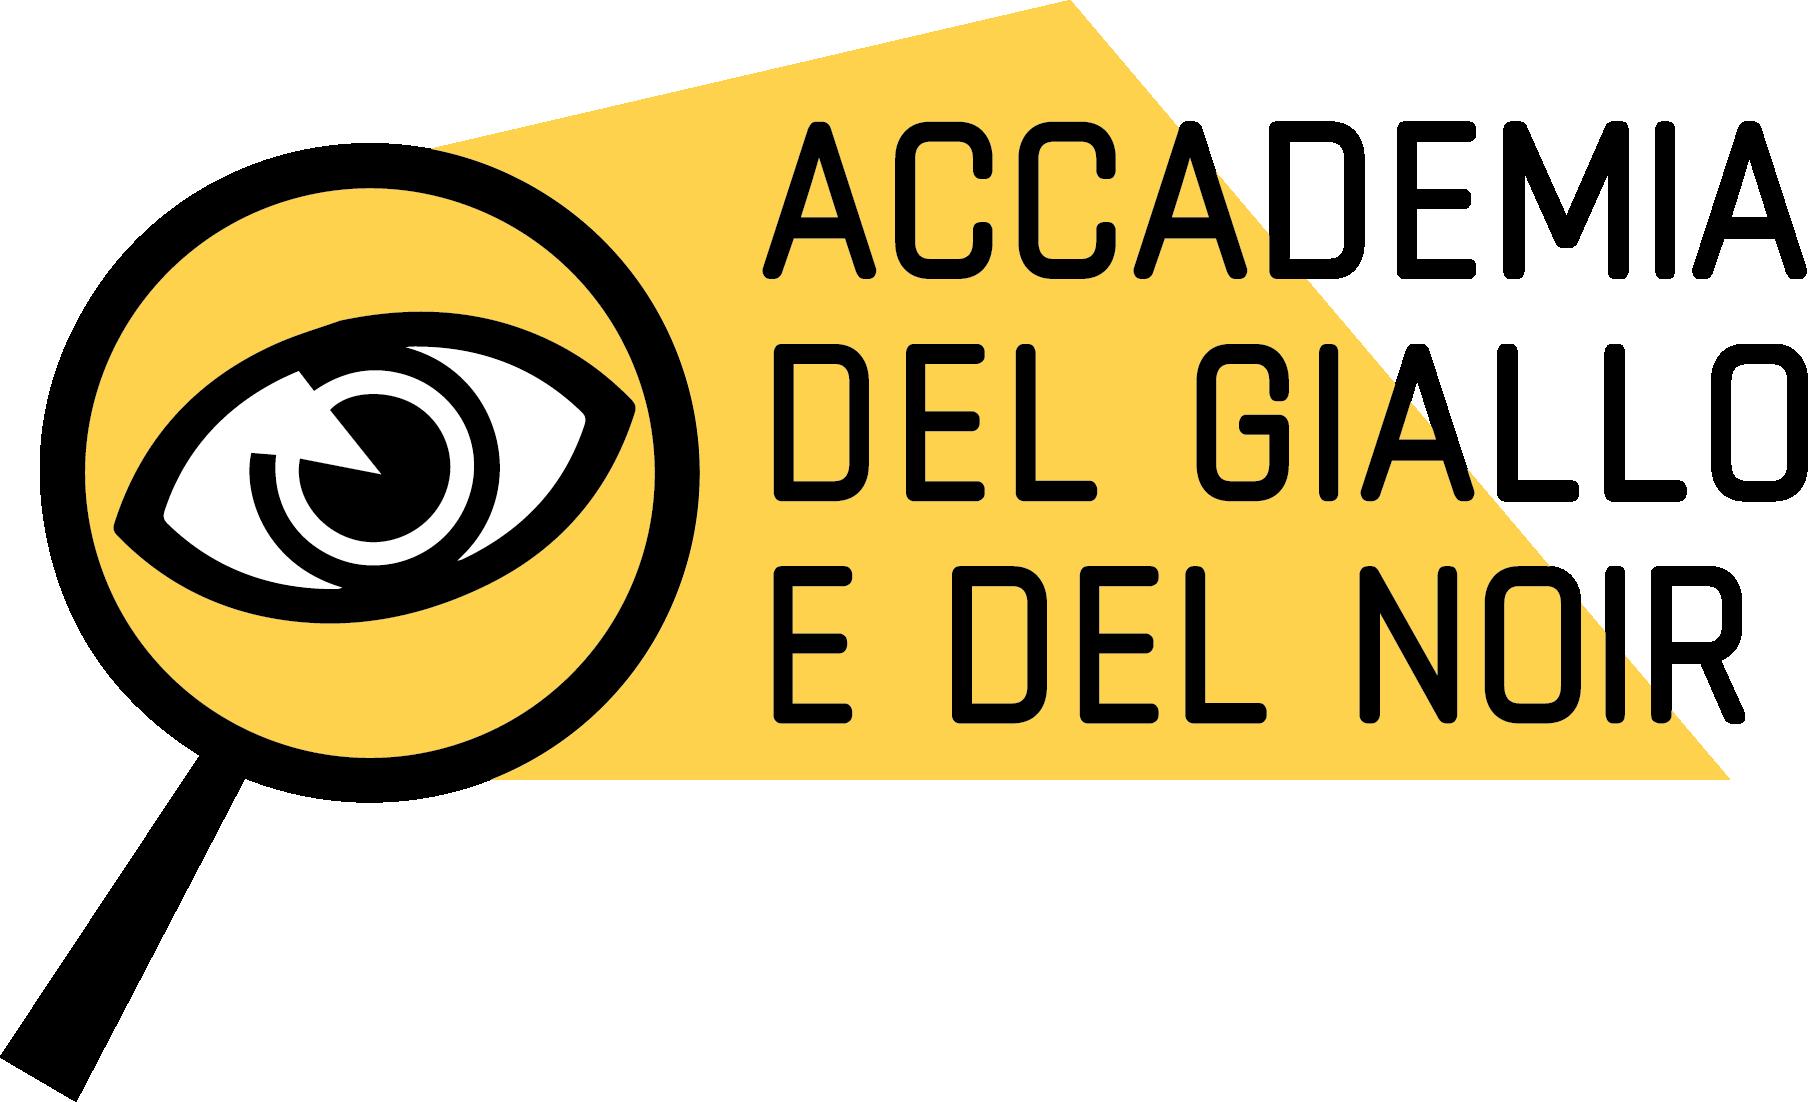 Accademia del giallo e del noir